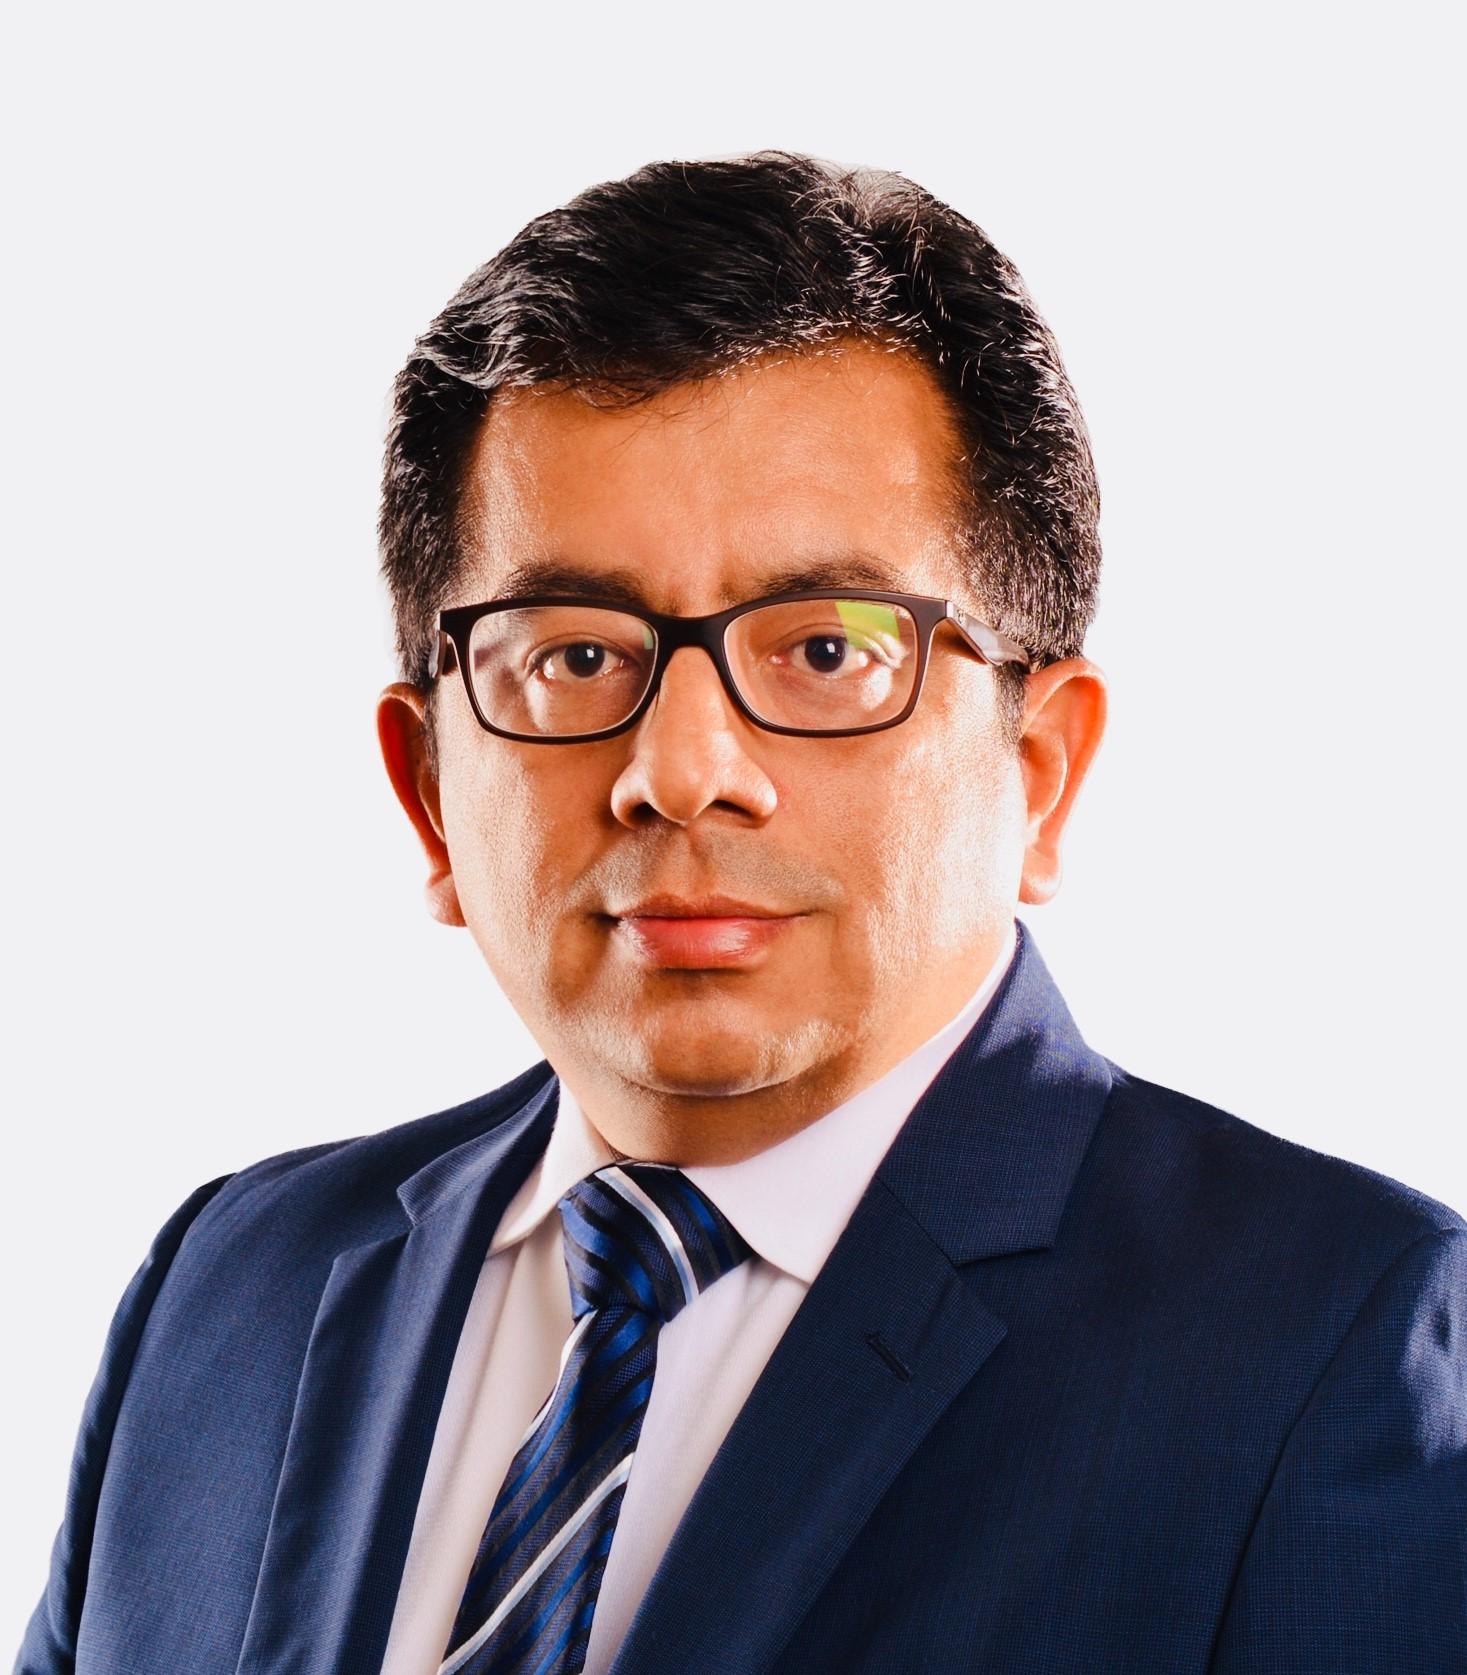 Miguel Cueva Usquiano